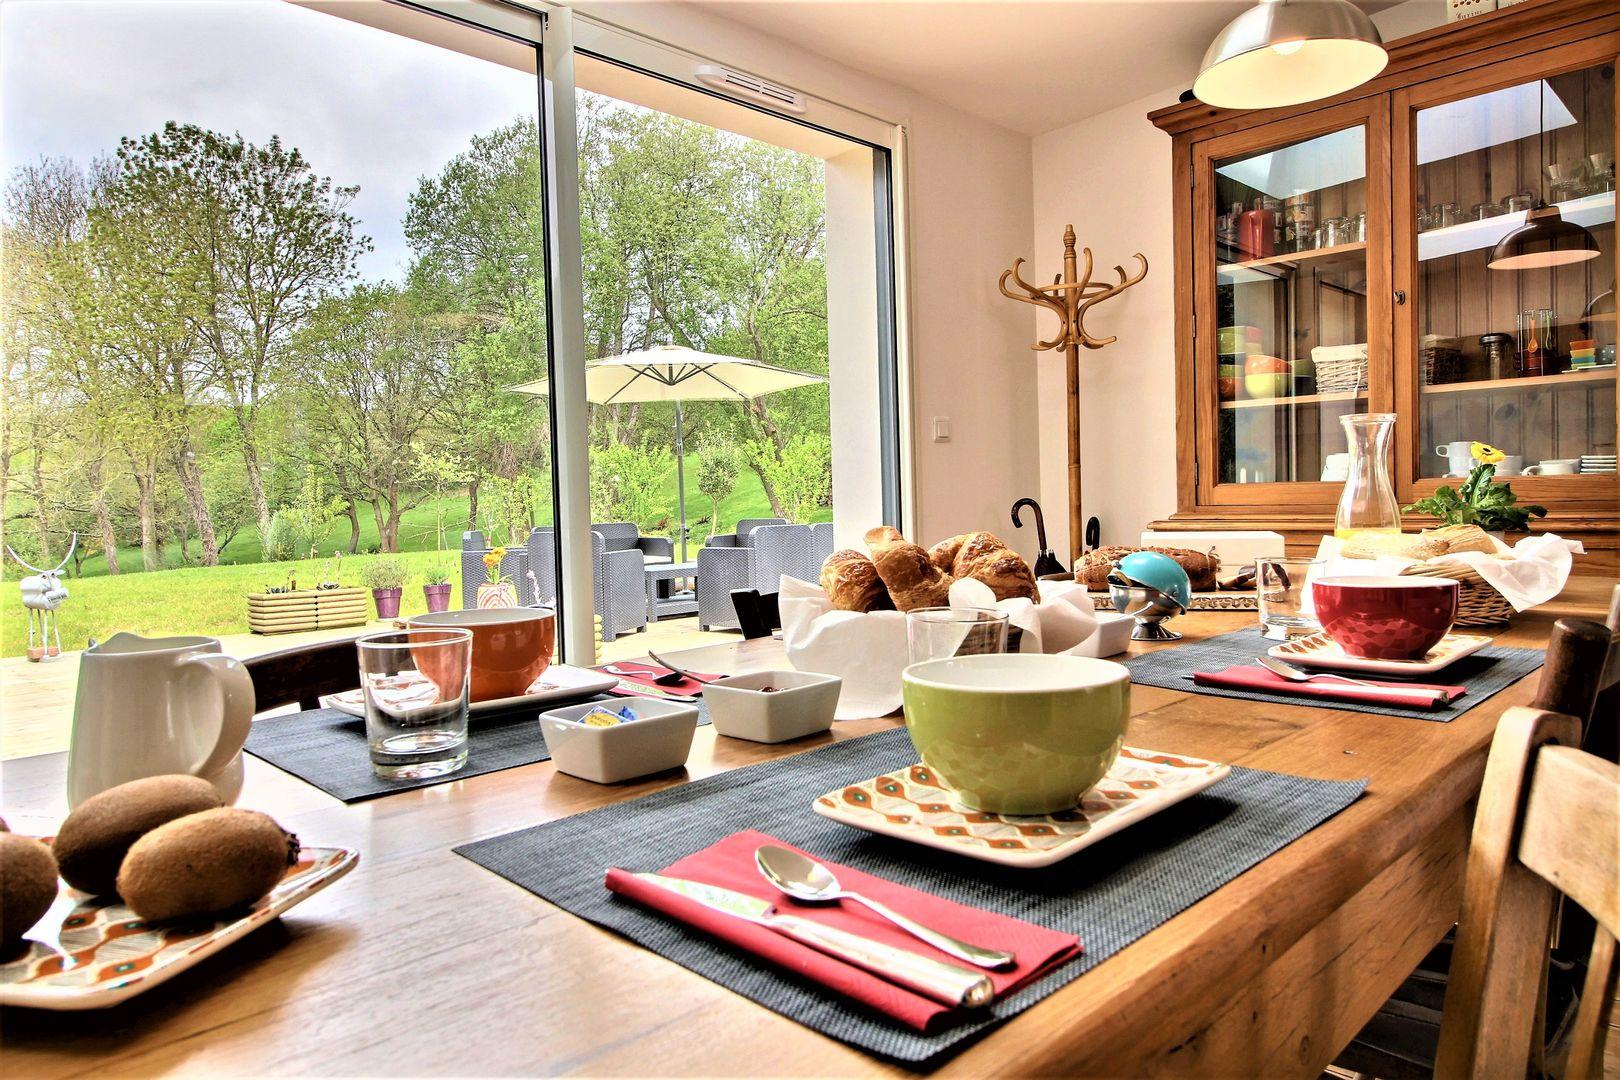 Chambres---La--Fontaine-de-Resnel---table-petit-dejeuner---Frehel---2018